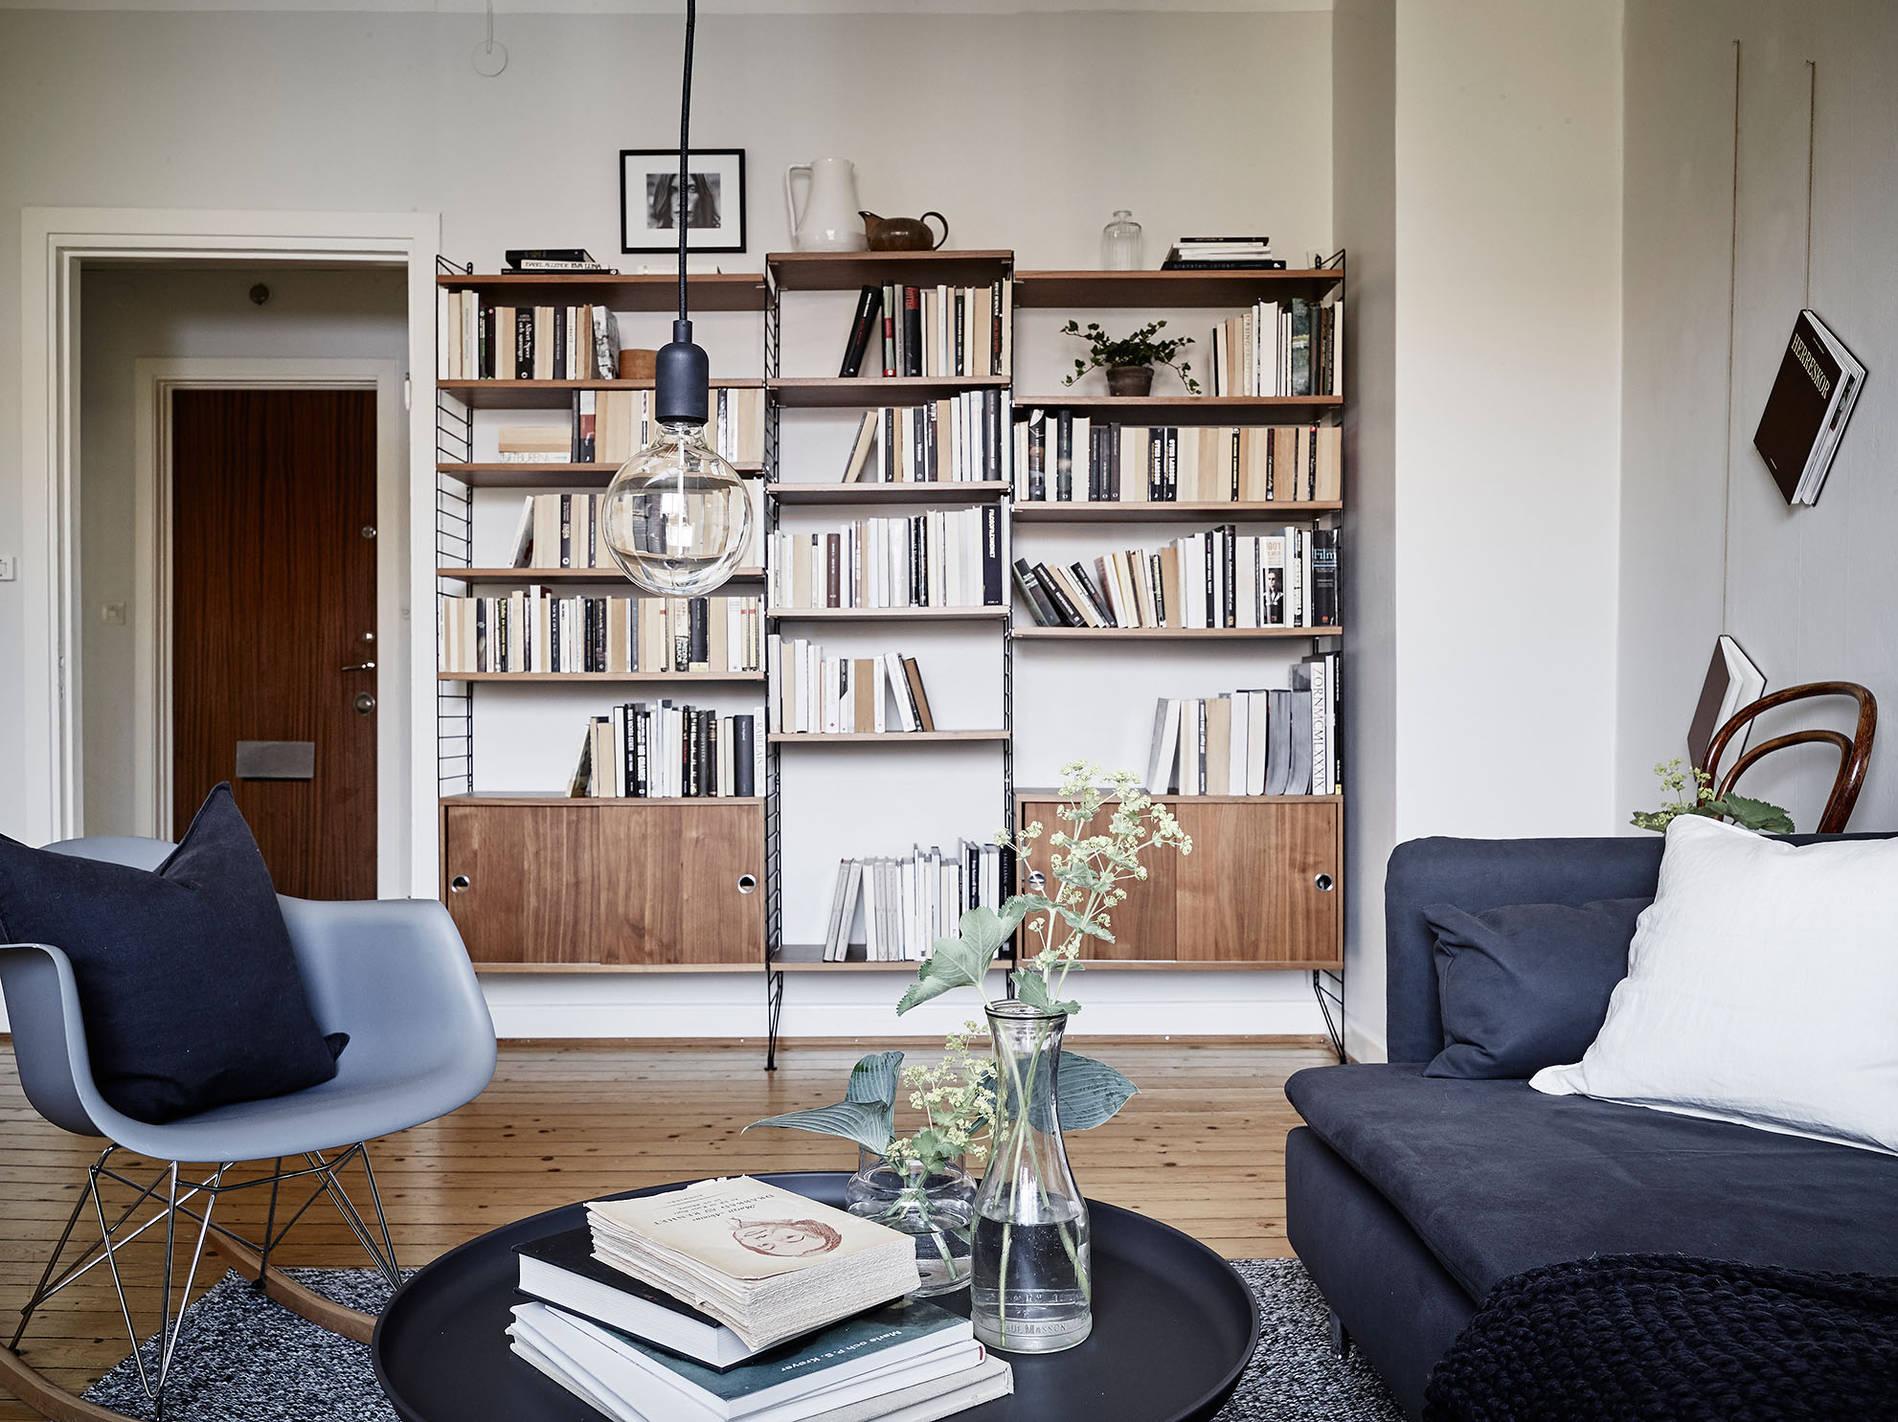 Un appartamento in bianco e grigio in the mood for design for Sillas modernas 2016